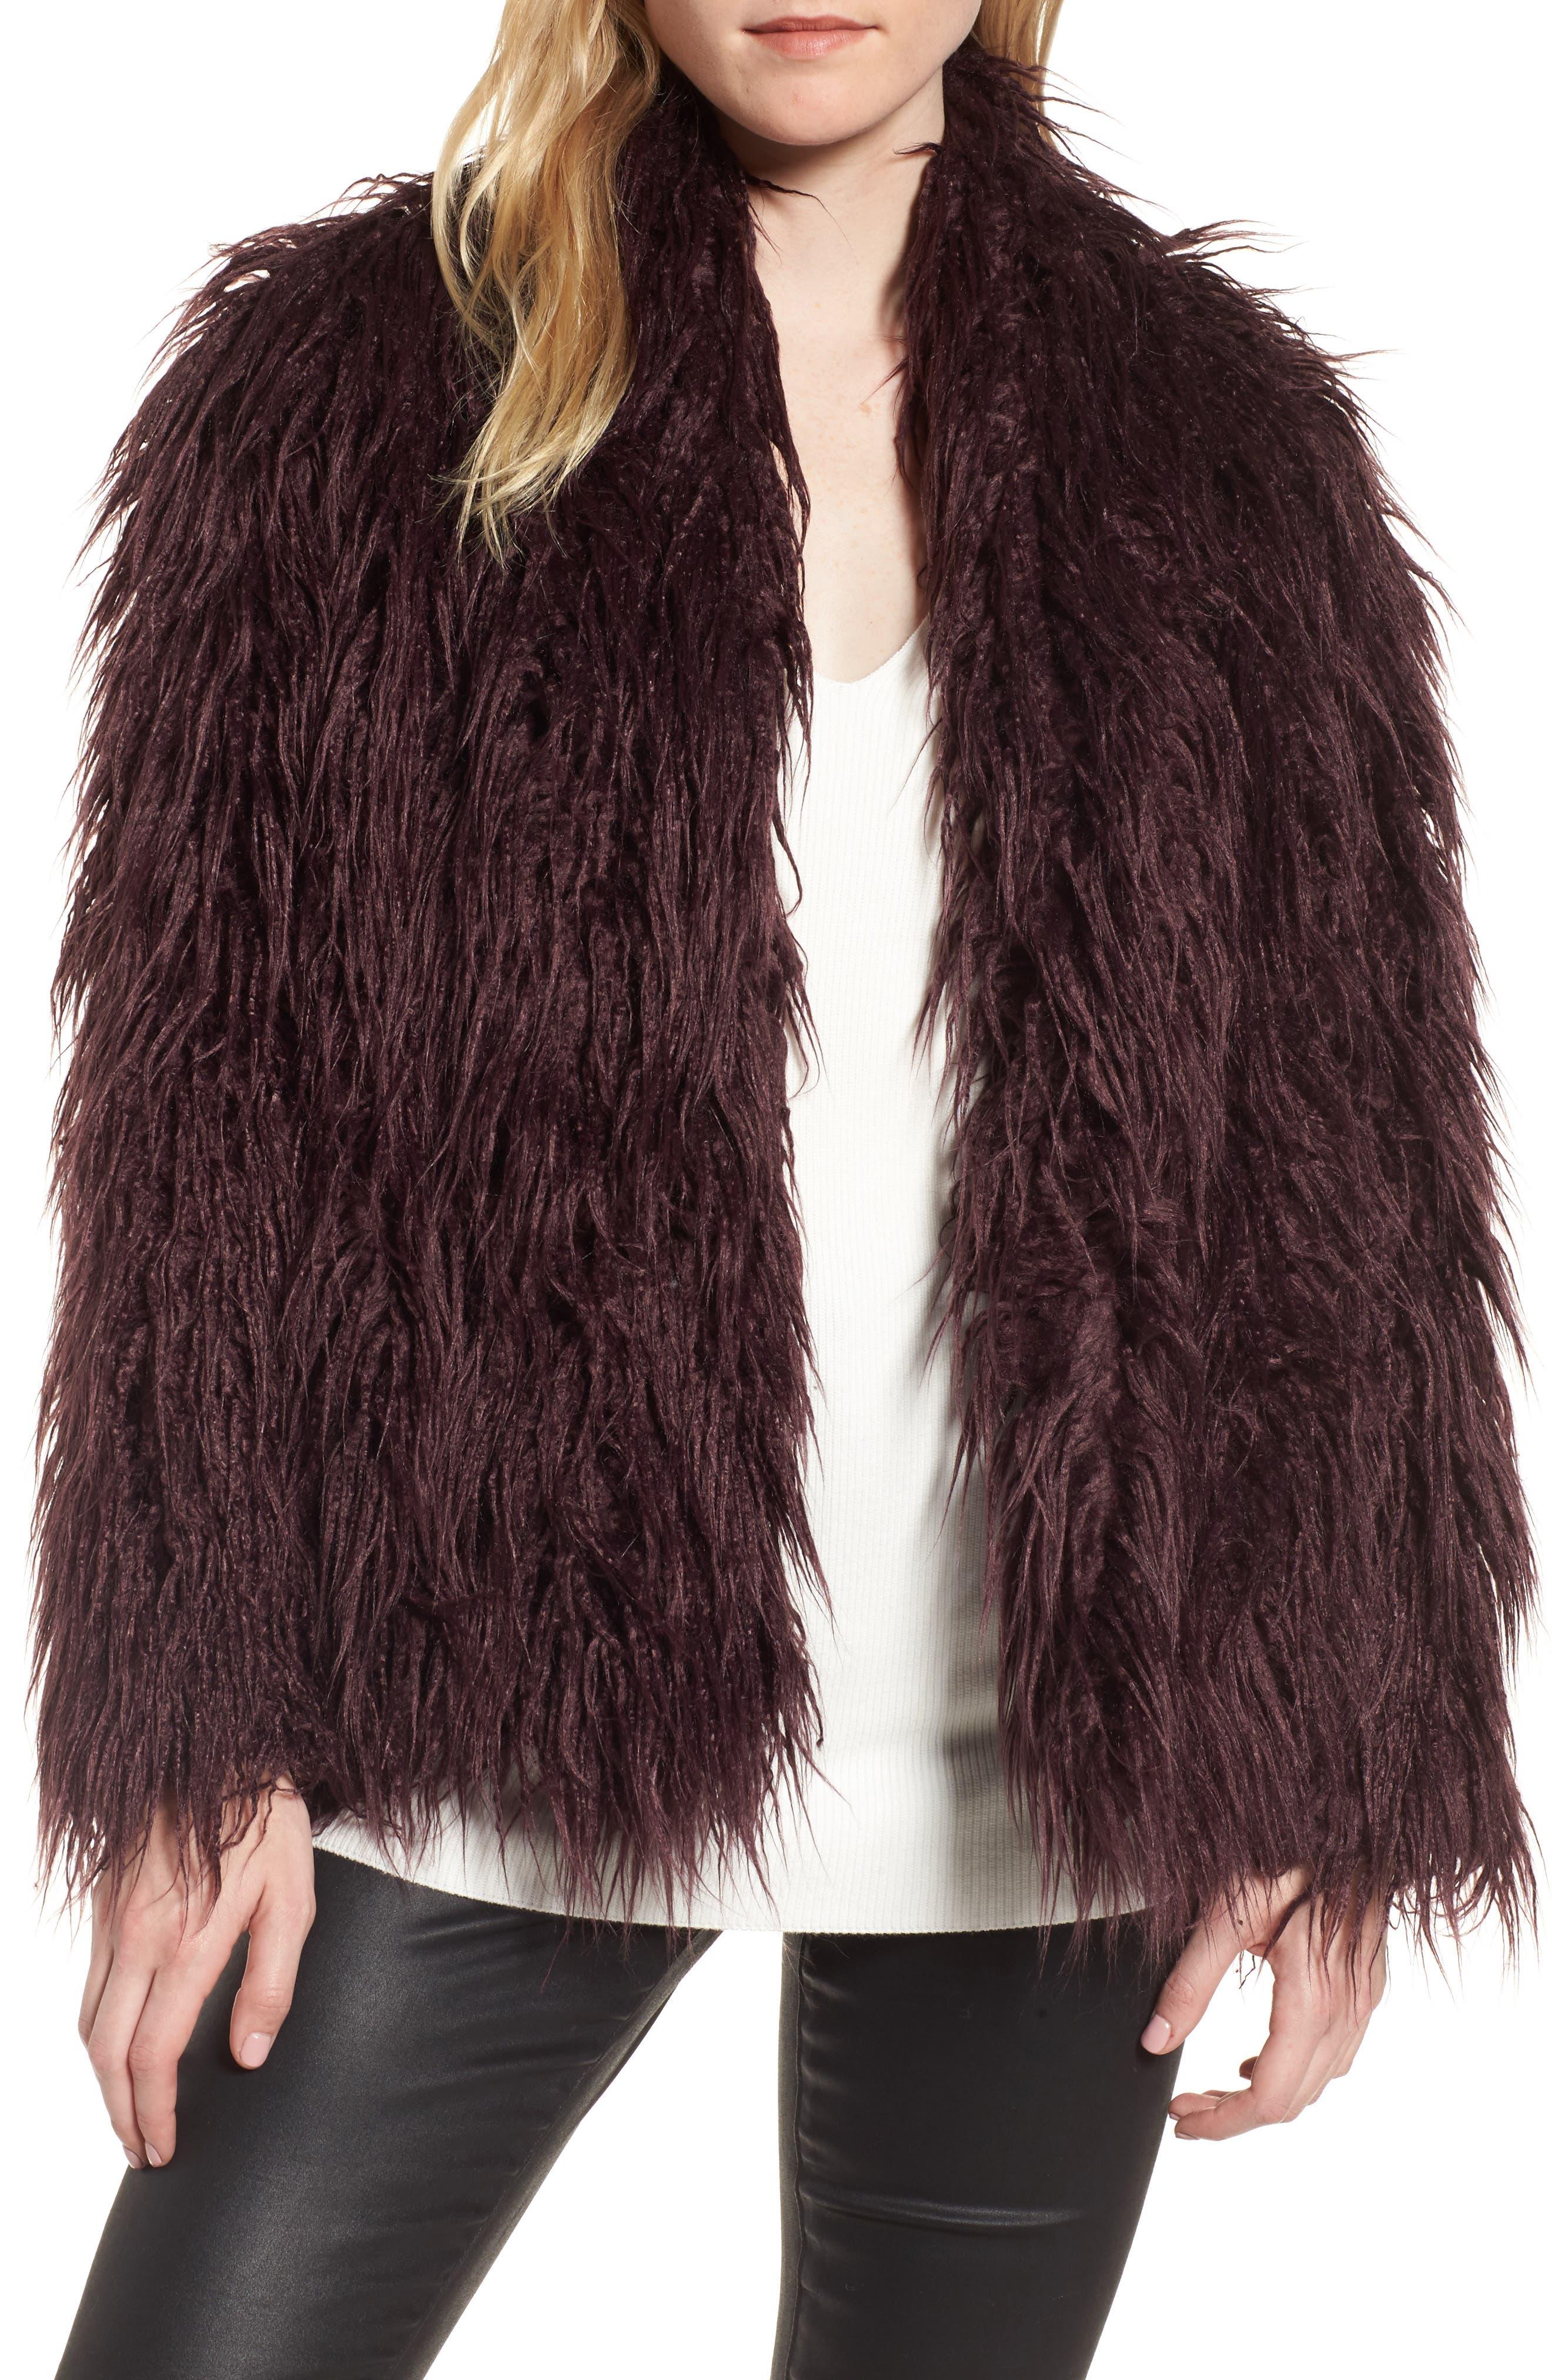 Main Image - Trouvé Shaggy Faux Fur Jacket